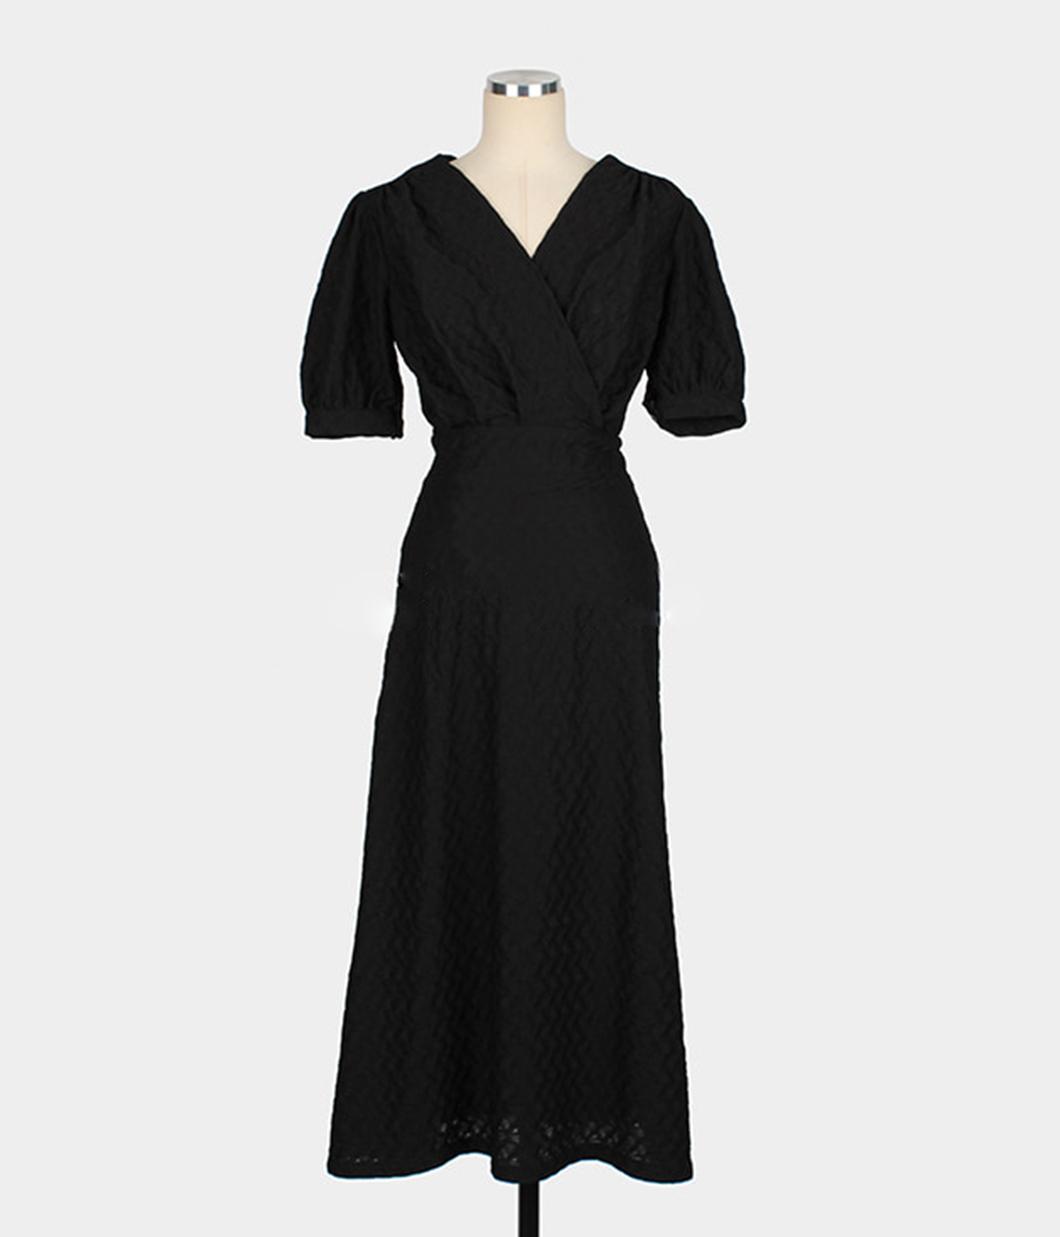 溫柔感細緻紋路交疊洋裝